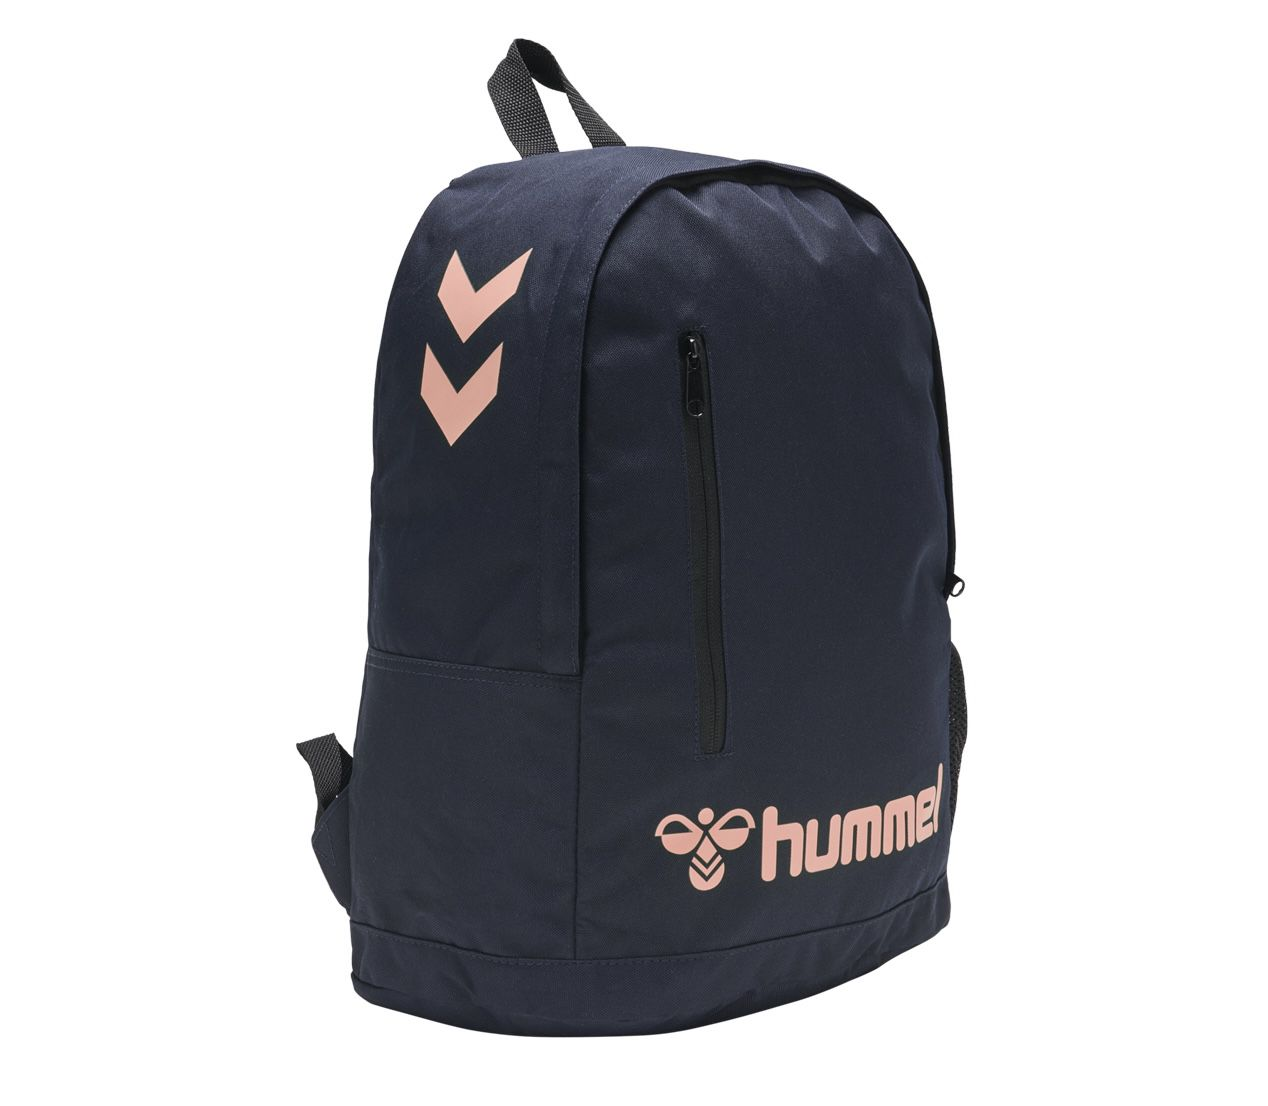 hummel hmlACTION Rucksack in versch. Farben für 12,94€ (statt 19€)